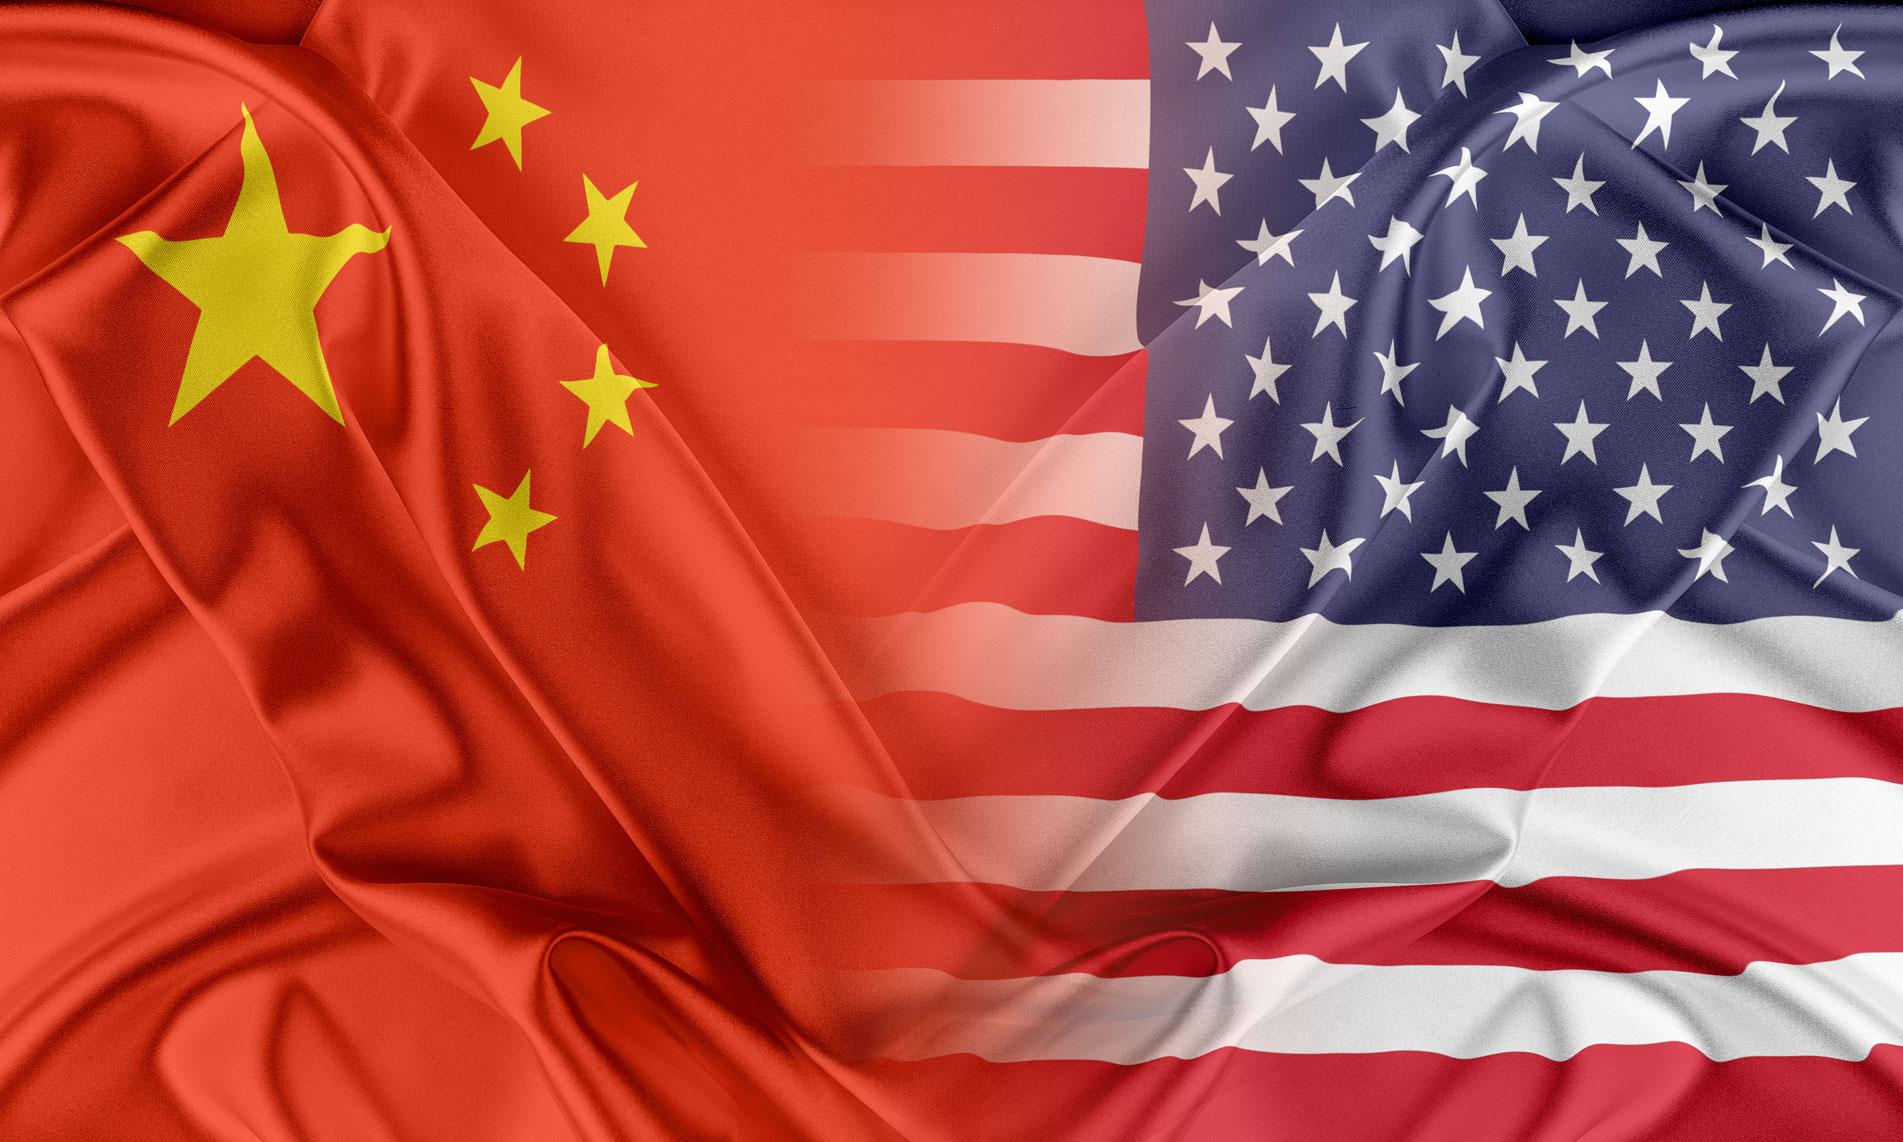 中美貿易戰一觸即發 外資:科技四大族群受傷慘重